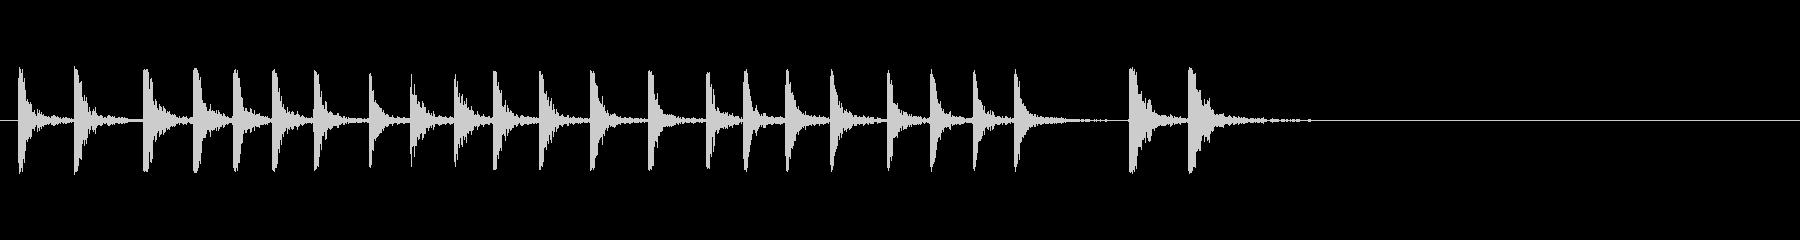 力のある板金のハンマーの未再生の波形